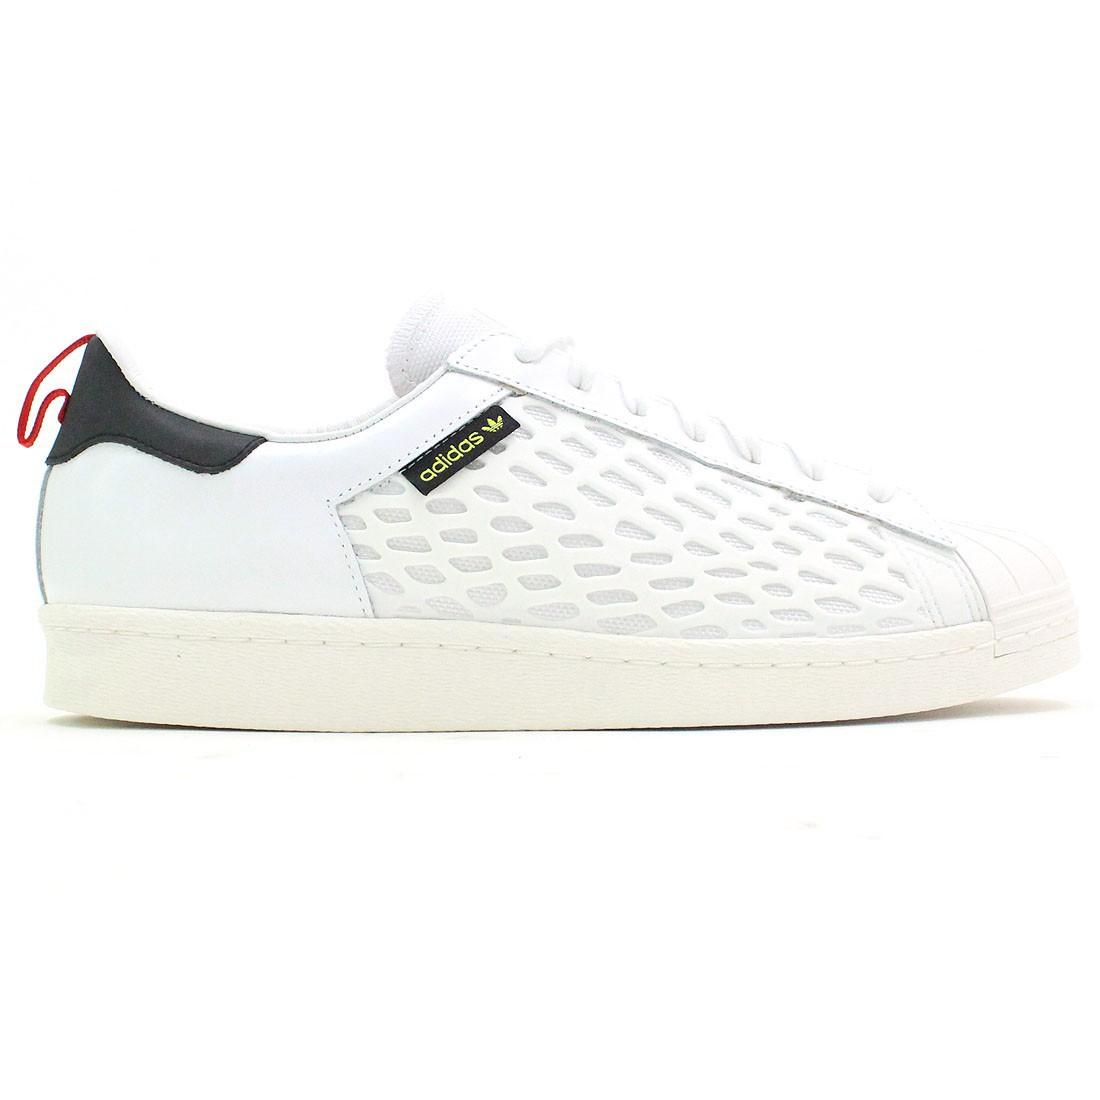 limited adidas originals superstar 80s shield sneaker 2. Black Bedroom Furniture Sets. Home Design Ideas